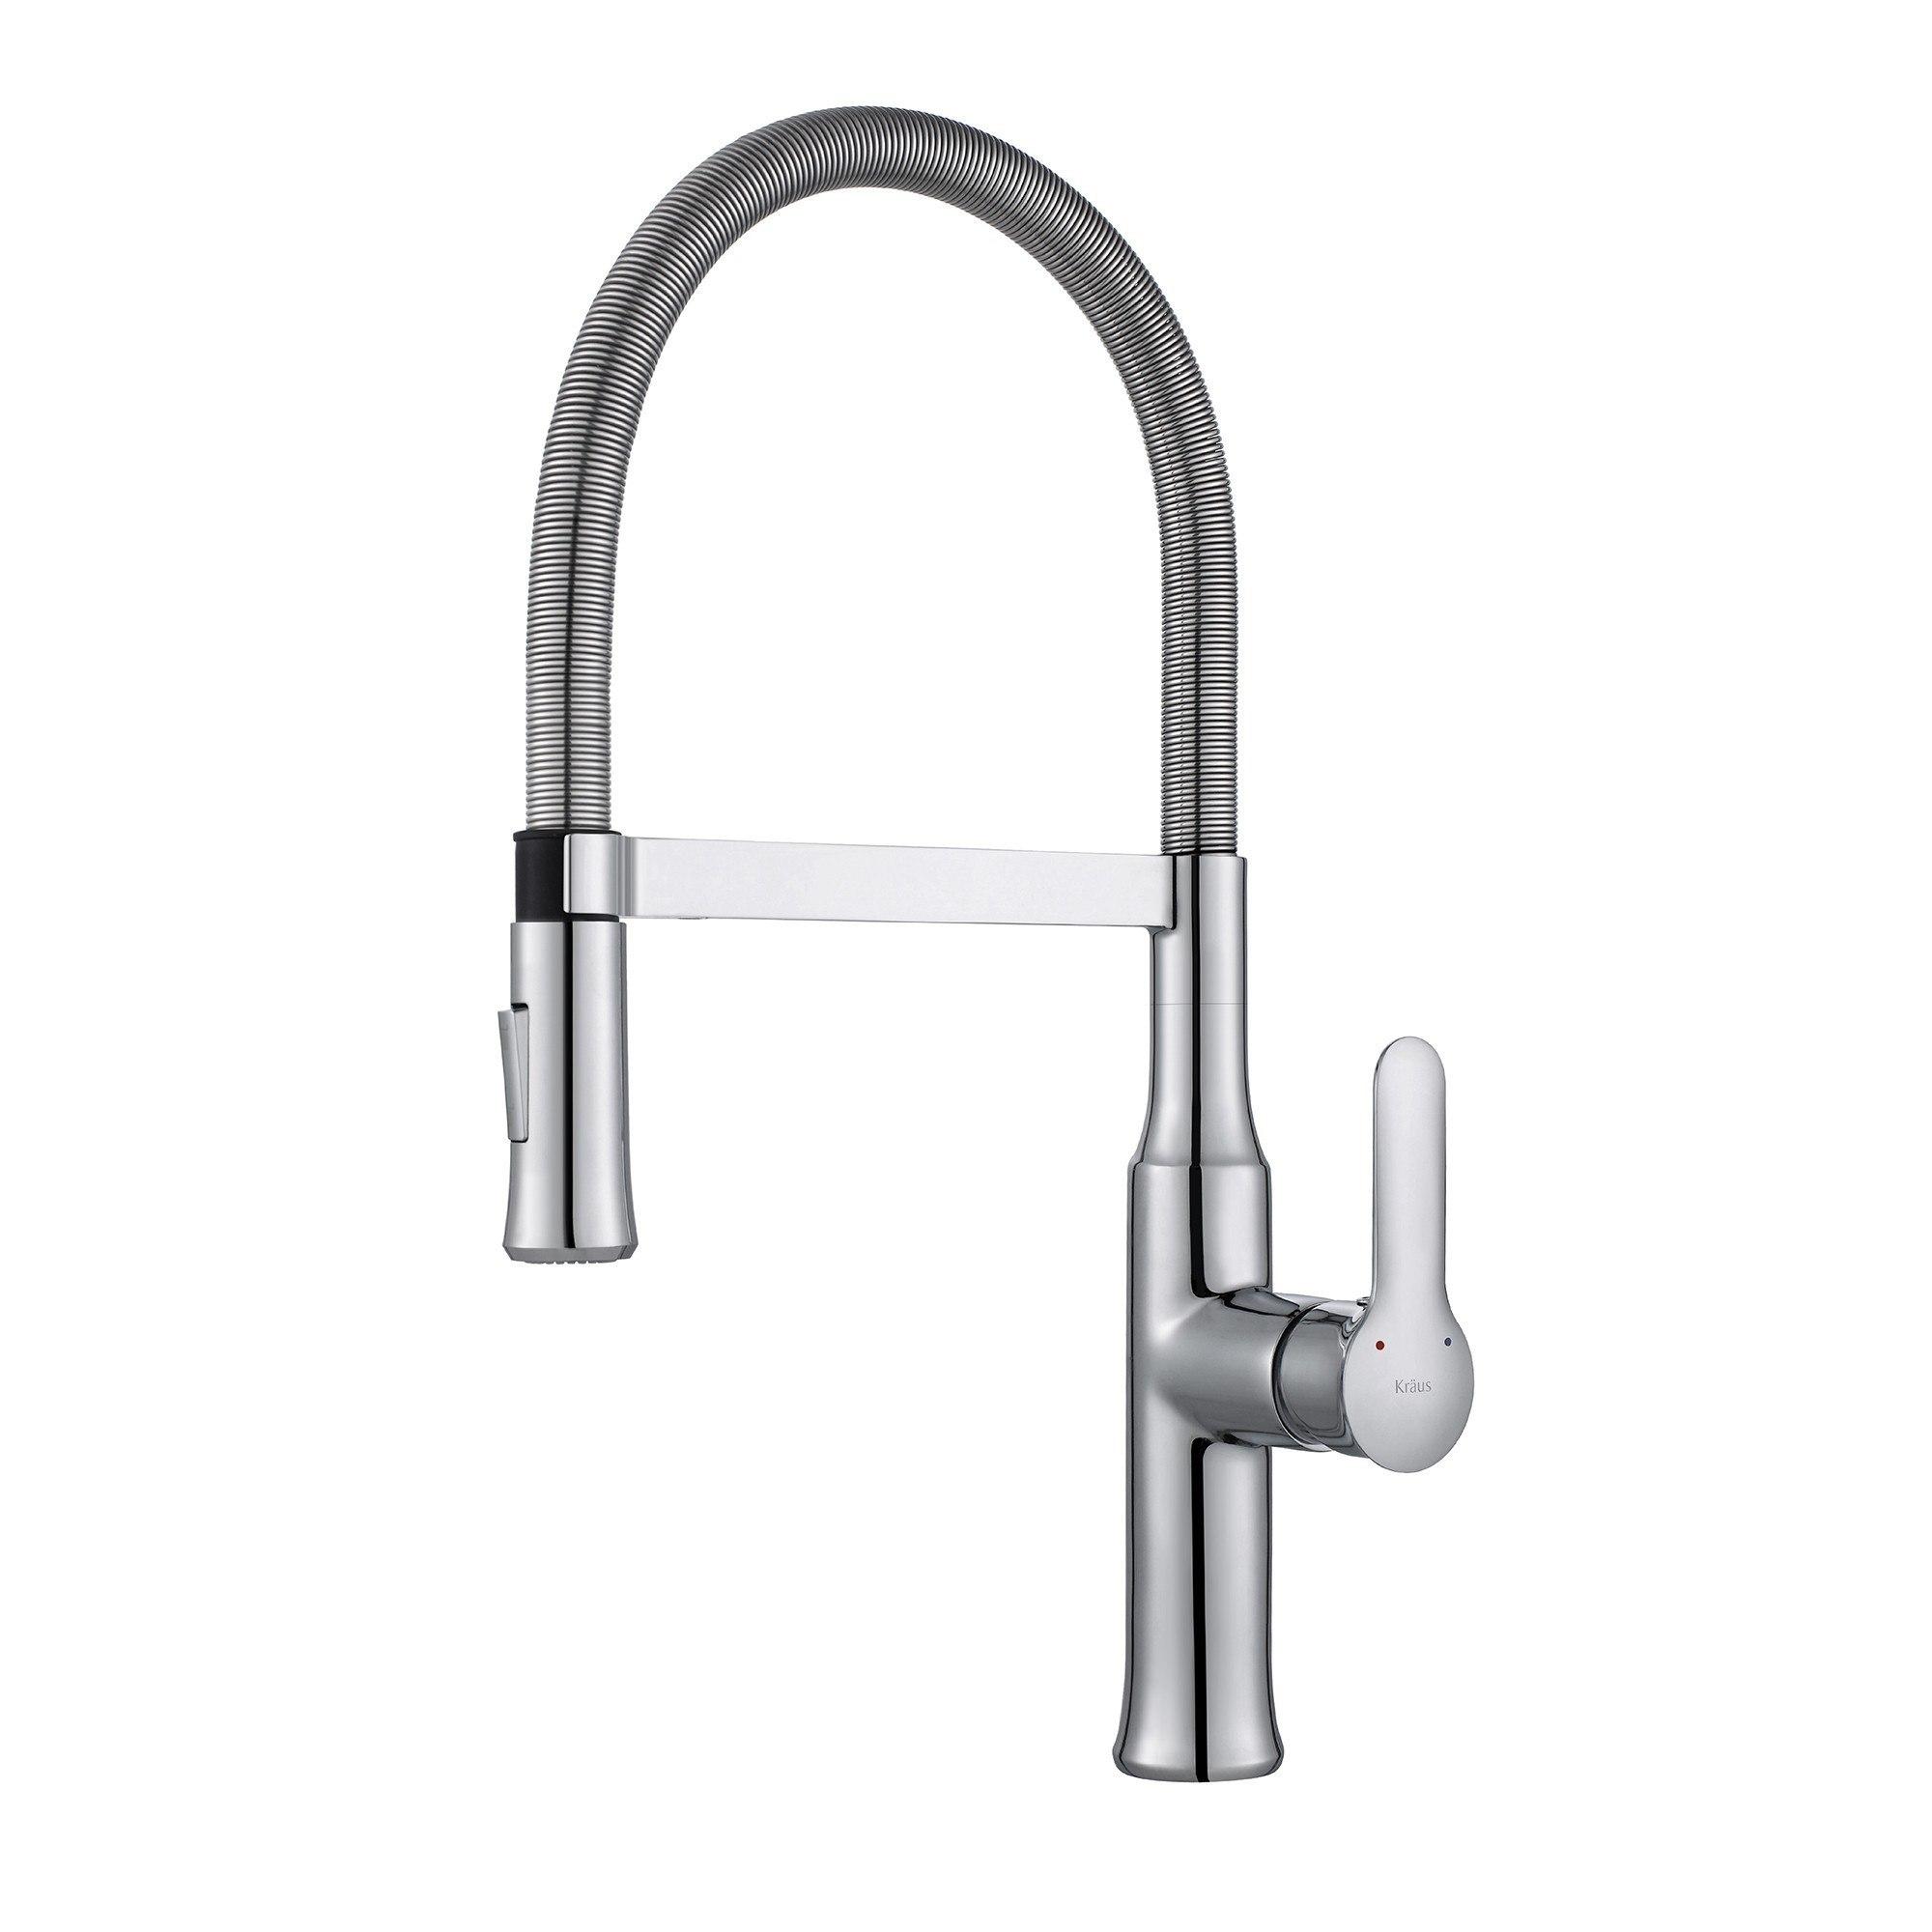 Kraus KPF-1640 Nola Single Lever Flex Commercial Style Kitchen Faucet